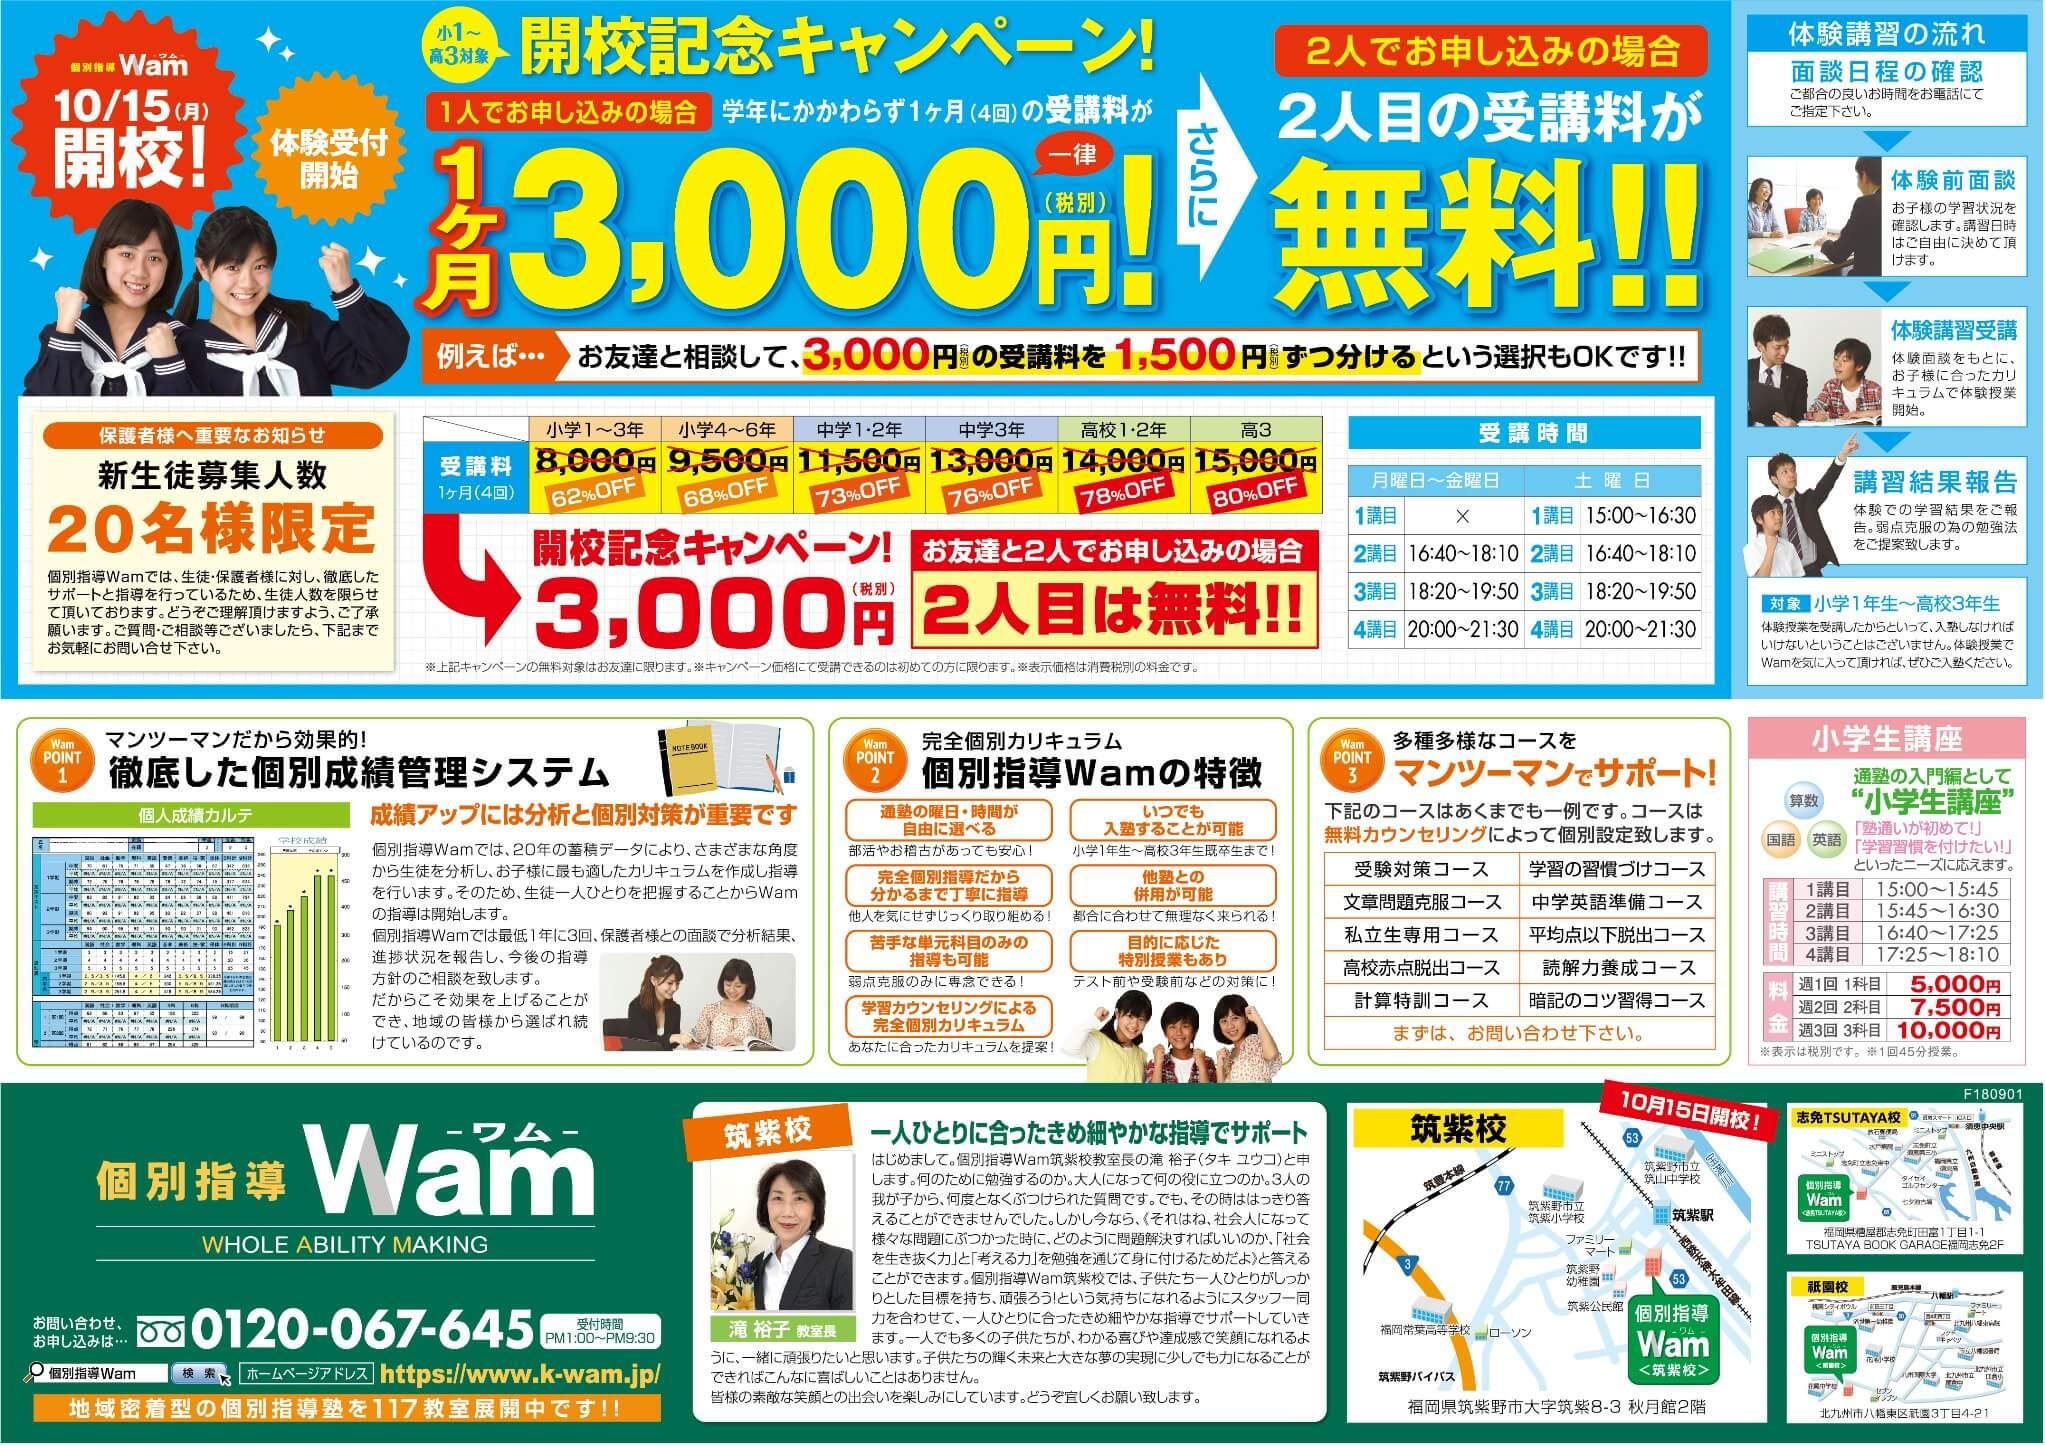 筑紫校 2018年10月15日(月) 開校・ウラ面